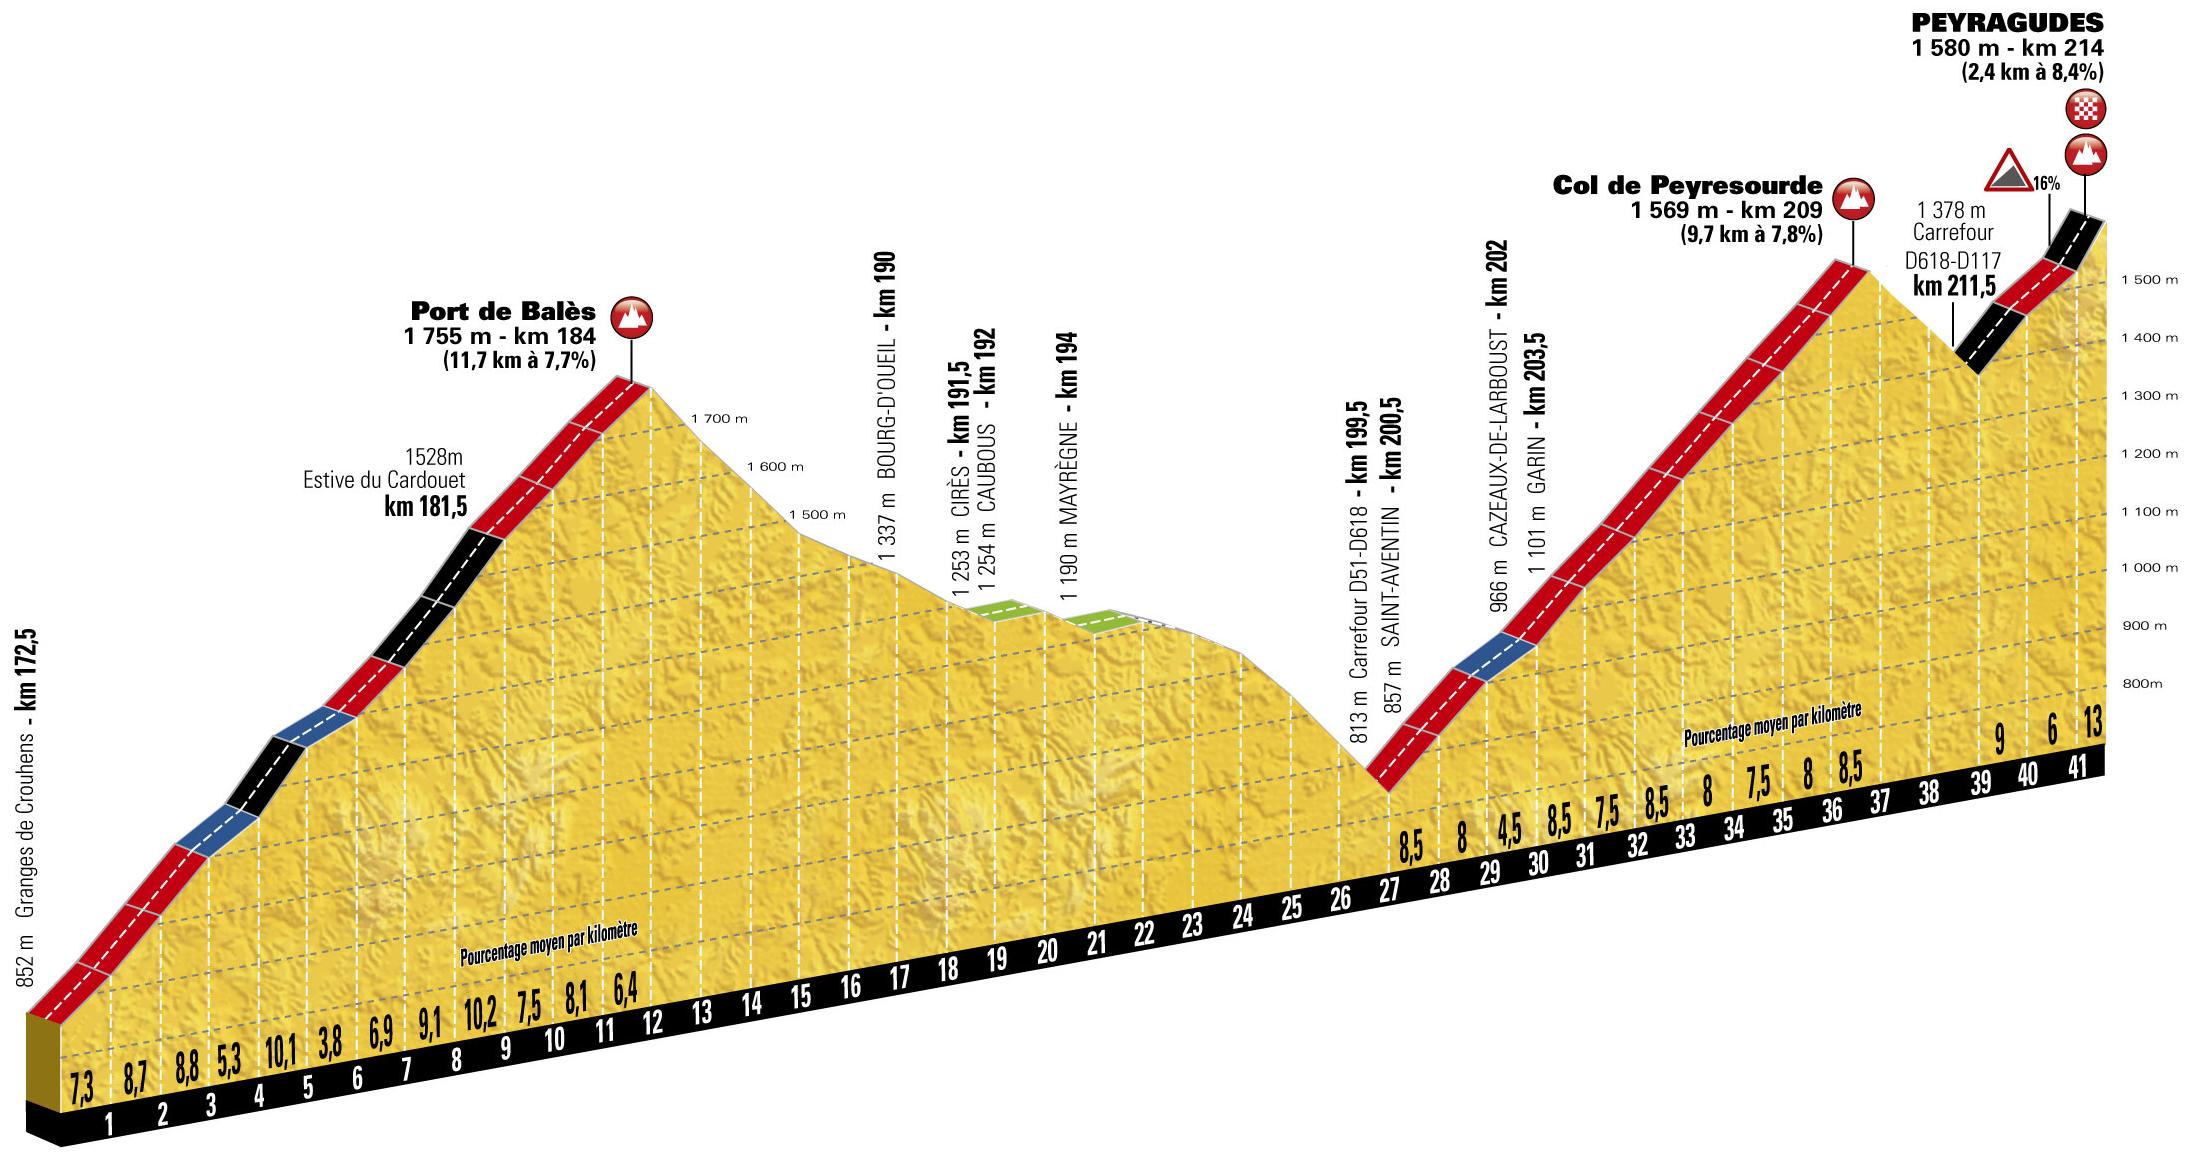 Le Parcours Du Tour De France 2017 Presente Les Alpes Voient